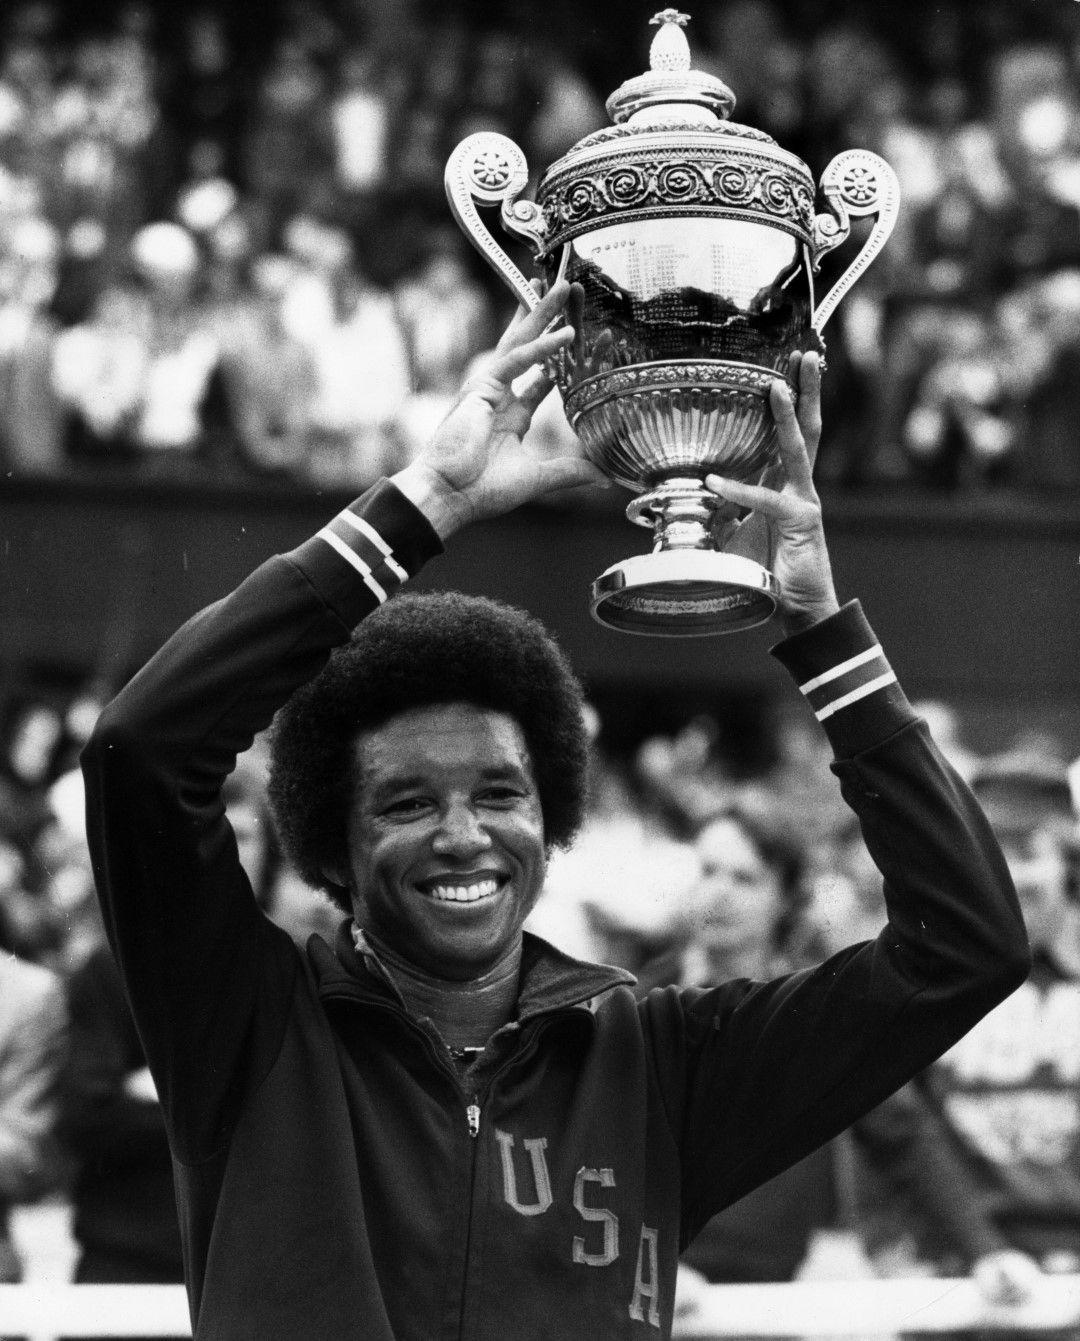 При мъжете първият голям тъмнокож шампион е Артър Аш, превърнал се в знаме на битката за равенство между расите в тениса. Днес на него е кръстен централния стадион в комплекса Флашинг Медоус, където се провежда US Open.